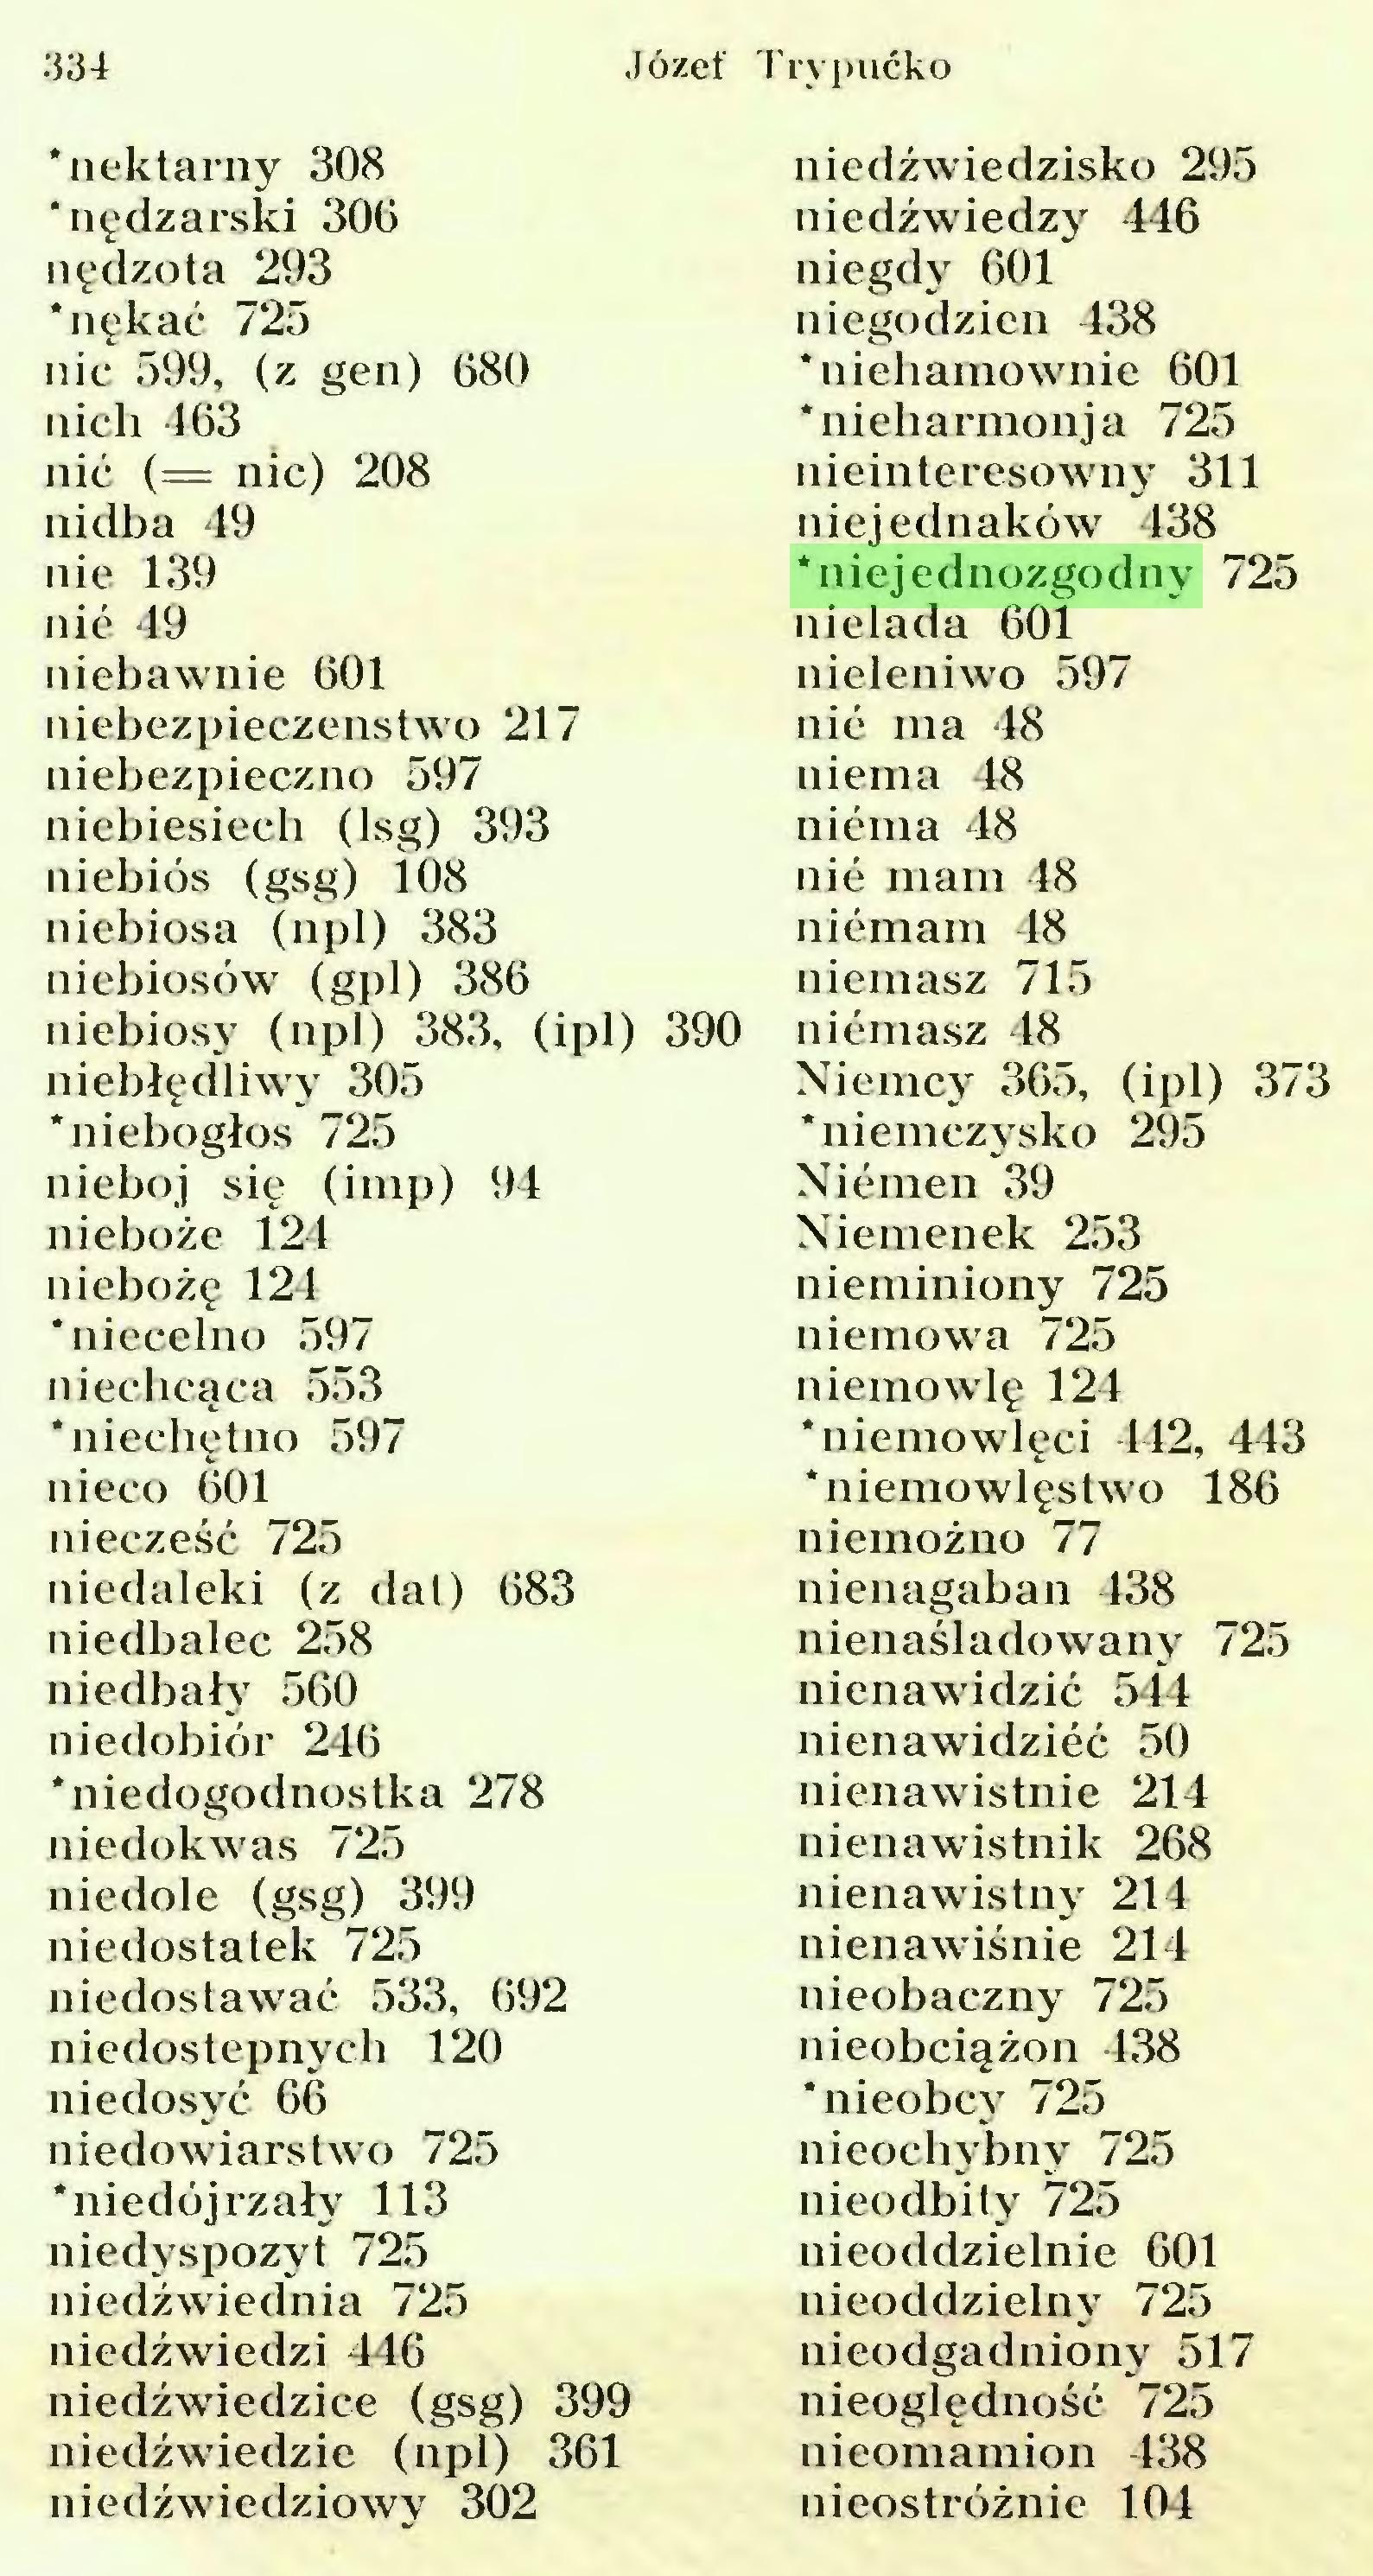 (...) Józef Trypucko 334 'nektarny 308 'nędzarski 300 nędzota 293 'nękać 725 nic 599, (z gen) 080 nich 403 nić (= nic) 208 uidba 49 nie 139 nié 49 niebawnie 001 niebezpieczeństwo 217 niebezpieczno 597 niebiesiecli (lsg) 393 niebios (gsg) 108 niebiosa (npl) 383 niebiosów (gpl) 380 niebiosy (npl) 383, (ipl) 390 niebłędliwy 305 'niebogłos 725 nieboj się (imp) 94 nieboże 124 niebożę 124 'niecelno 597 niechcąca 553 'niechętno 597 nieco 001 niecześć 725 niedaleki (z dal) 083 niedbalec 258 niedbały 500 niedobiór 240 'niedogodnostka 278 niedokwas 725 niedole (gsg) 399 niedostatek 725 niedostawać 533, 092 niedostępnych 120 nie dosyć 00 niedowiarstwo 725 'niedojrzały 113 niedyspozyt 725 niedźwiednia 725 niedźwiedzi 440 niedźwiedzice (gsg) 399 niedźwiedzie (npl) 301 niedźwiedziowy 302 niedźwiedzisko 295 niedźwiedzy 446 niegdy 001 niegodzien 438 'niehamownie 001 'nieharmonja 725 nieinteresowny 311 niejednaków 438 'niejednozgodny 725 nielada 001 nieleniwo 597 nić ma 48 niema 48 niema 48 nié mam 48 niémam 48 niemasz 715 niémasz 48 Niemcy 305, (ipl) 373 'niemczysko 295 Niémen 39 Niemenek 253 nieminiony 725 niemowa 725 niemowlę 124 'niemowlęci 442, 443 * niemo wlęstwo 180 niemożno 77 nienagaban 438 nienaśladowany 725 nienawidzić 544 nienawidzieć 50 nienawistnie 214 nienawistnik 208 nienawistny 214 nienawiśnie 214 nieobaczny 725 nieobciążon 438 'nieobcy 725 nieochybny 725 nieodbity 725 nieoddzielnie 601 nieoddzielny 725 nieodgadniony 517 nieoględność 725 nieomamion 438 nieostrożnie 104...